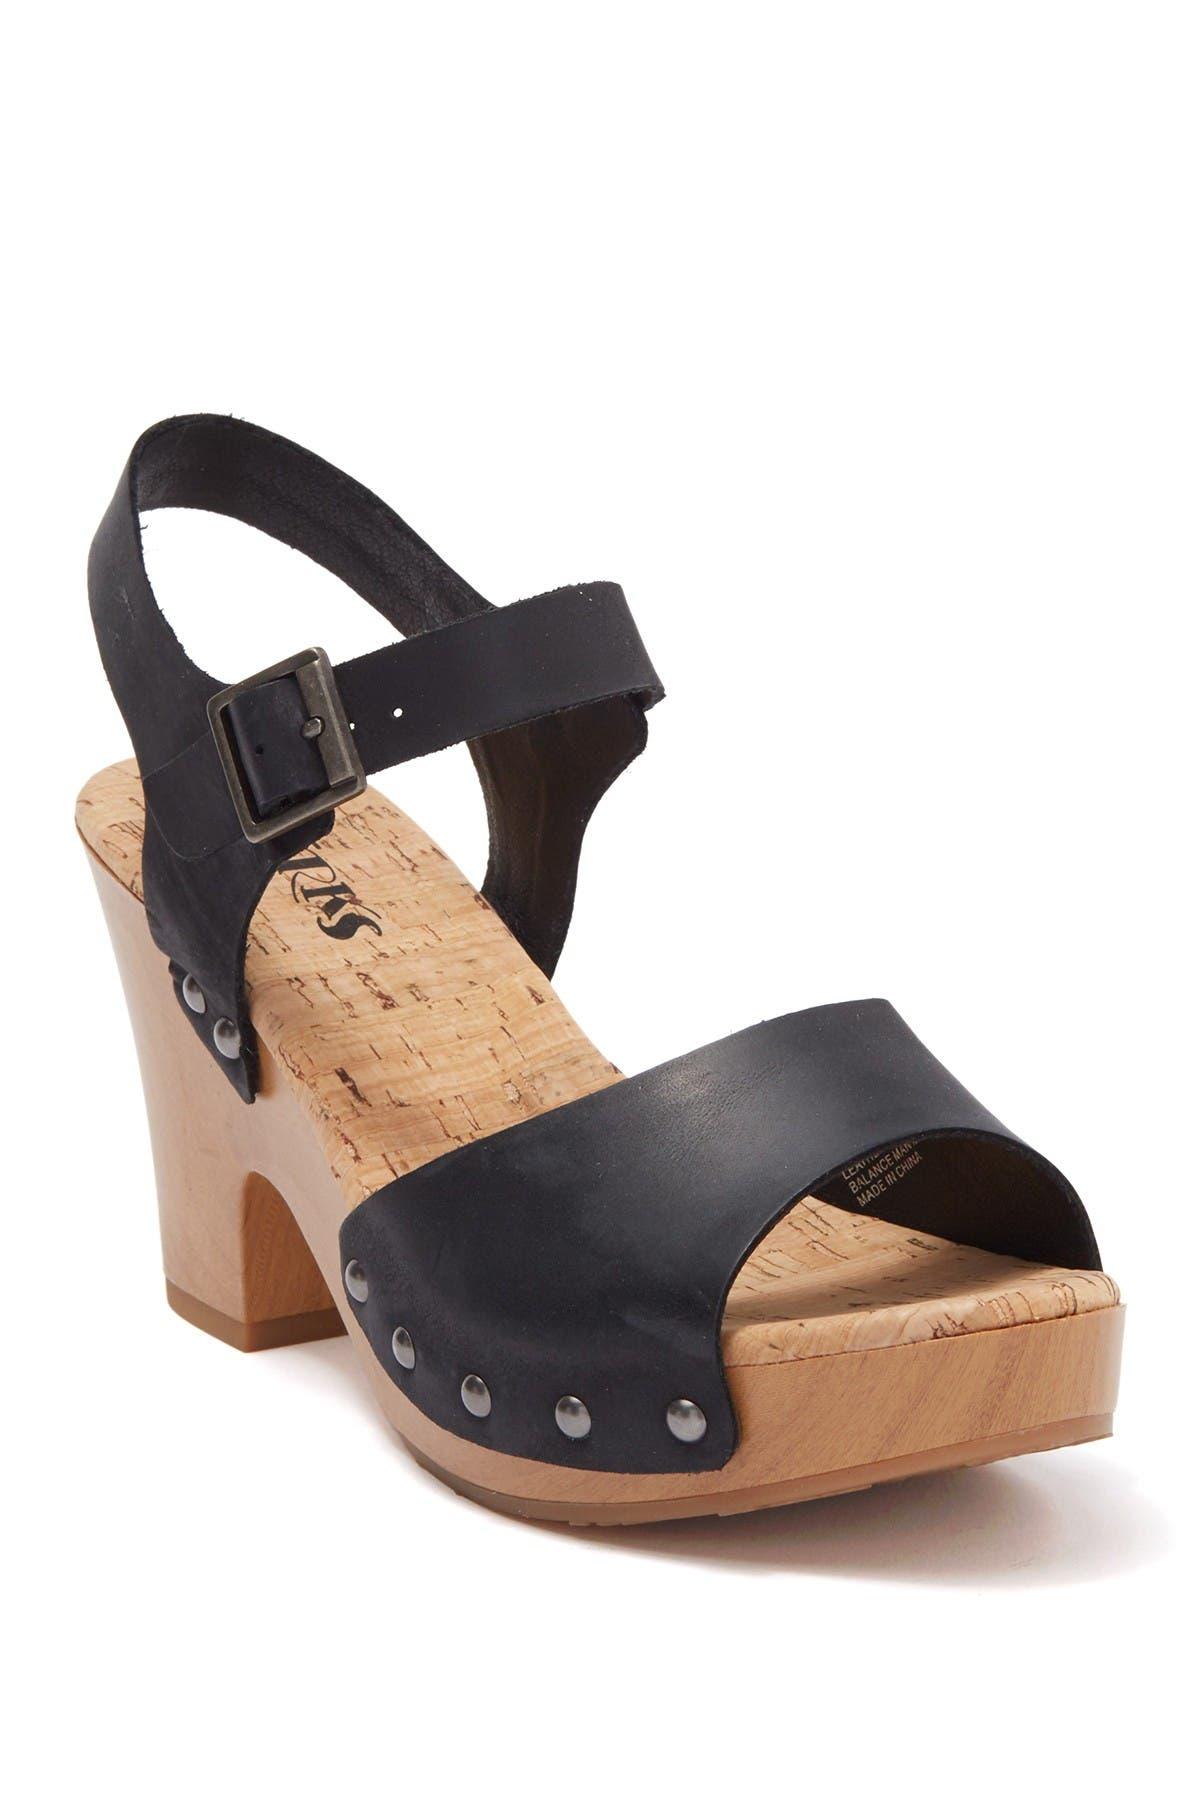 Image of KORKS Brionna Leather Block Heel Platform Sandal